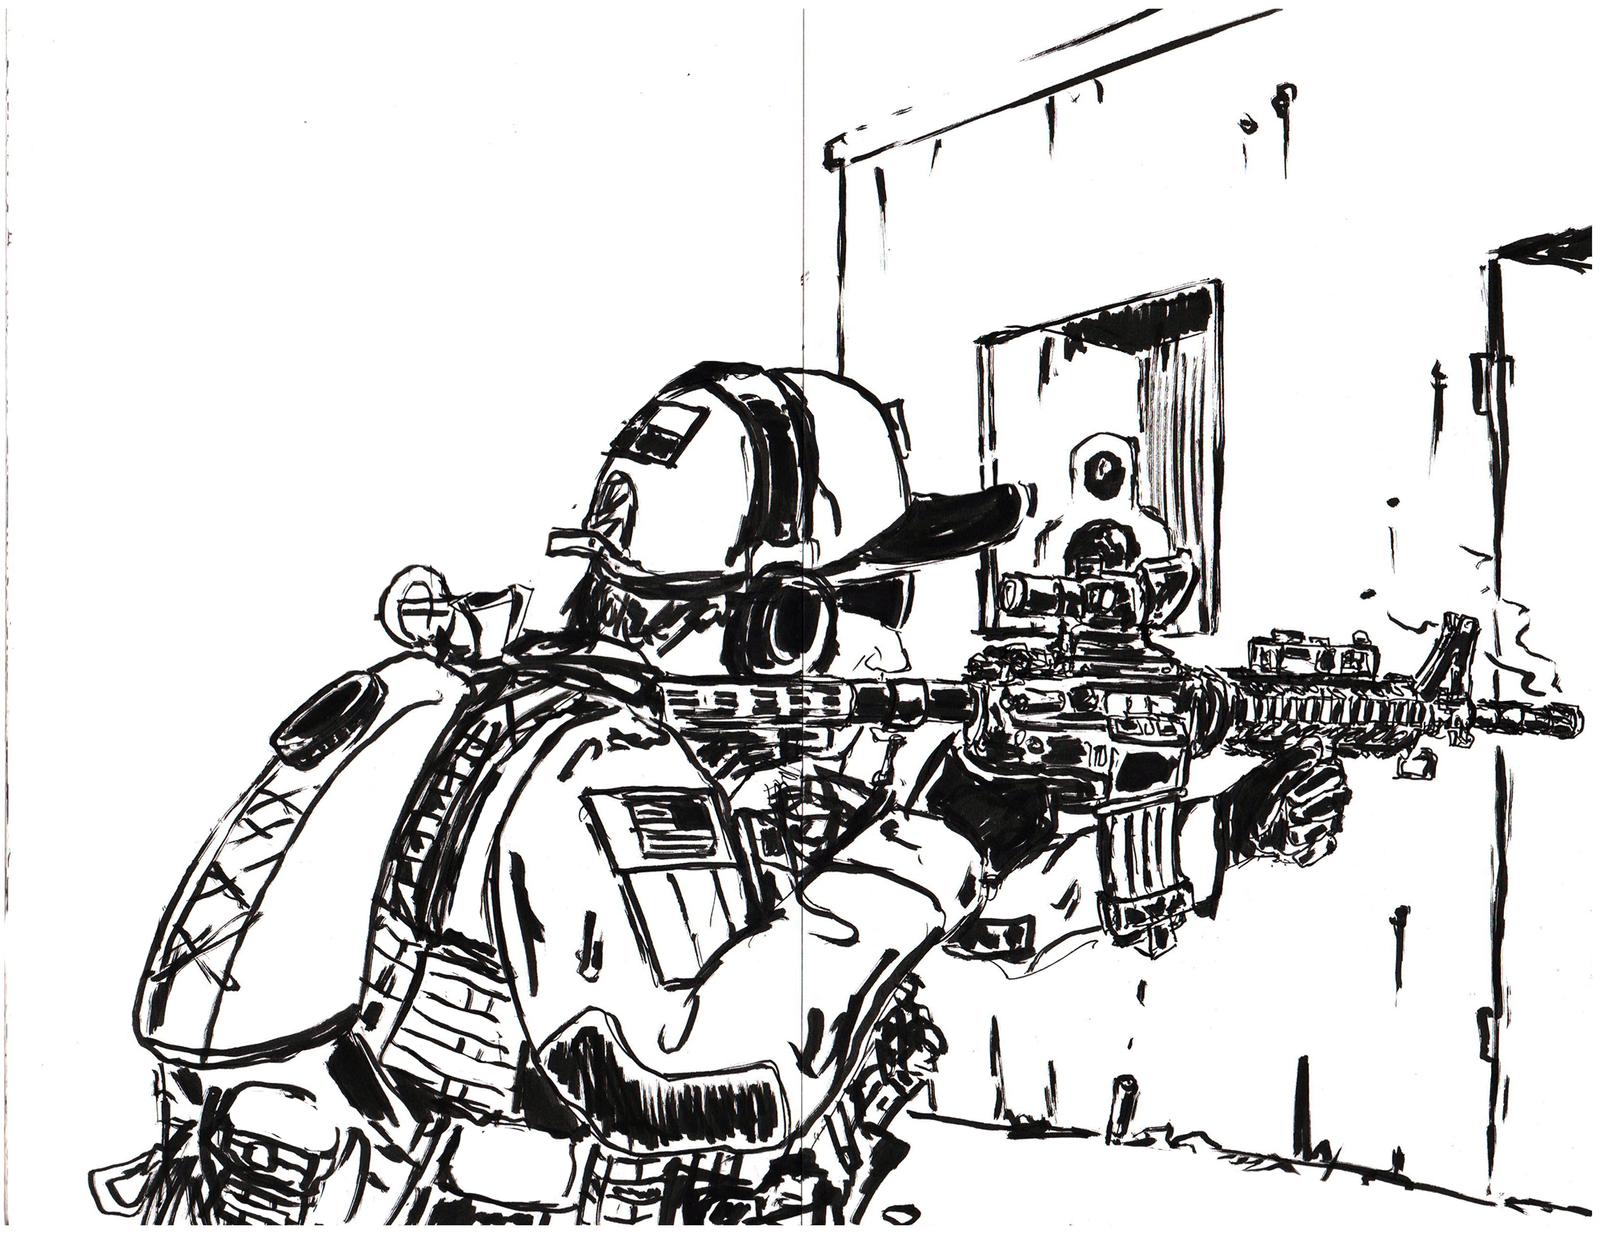 m4 carbine training